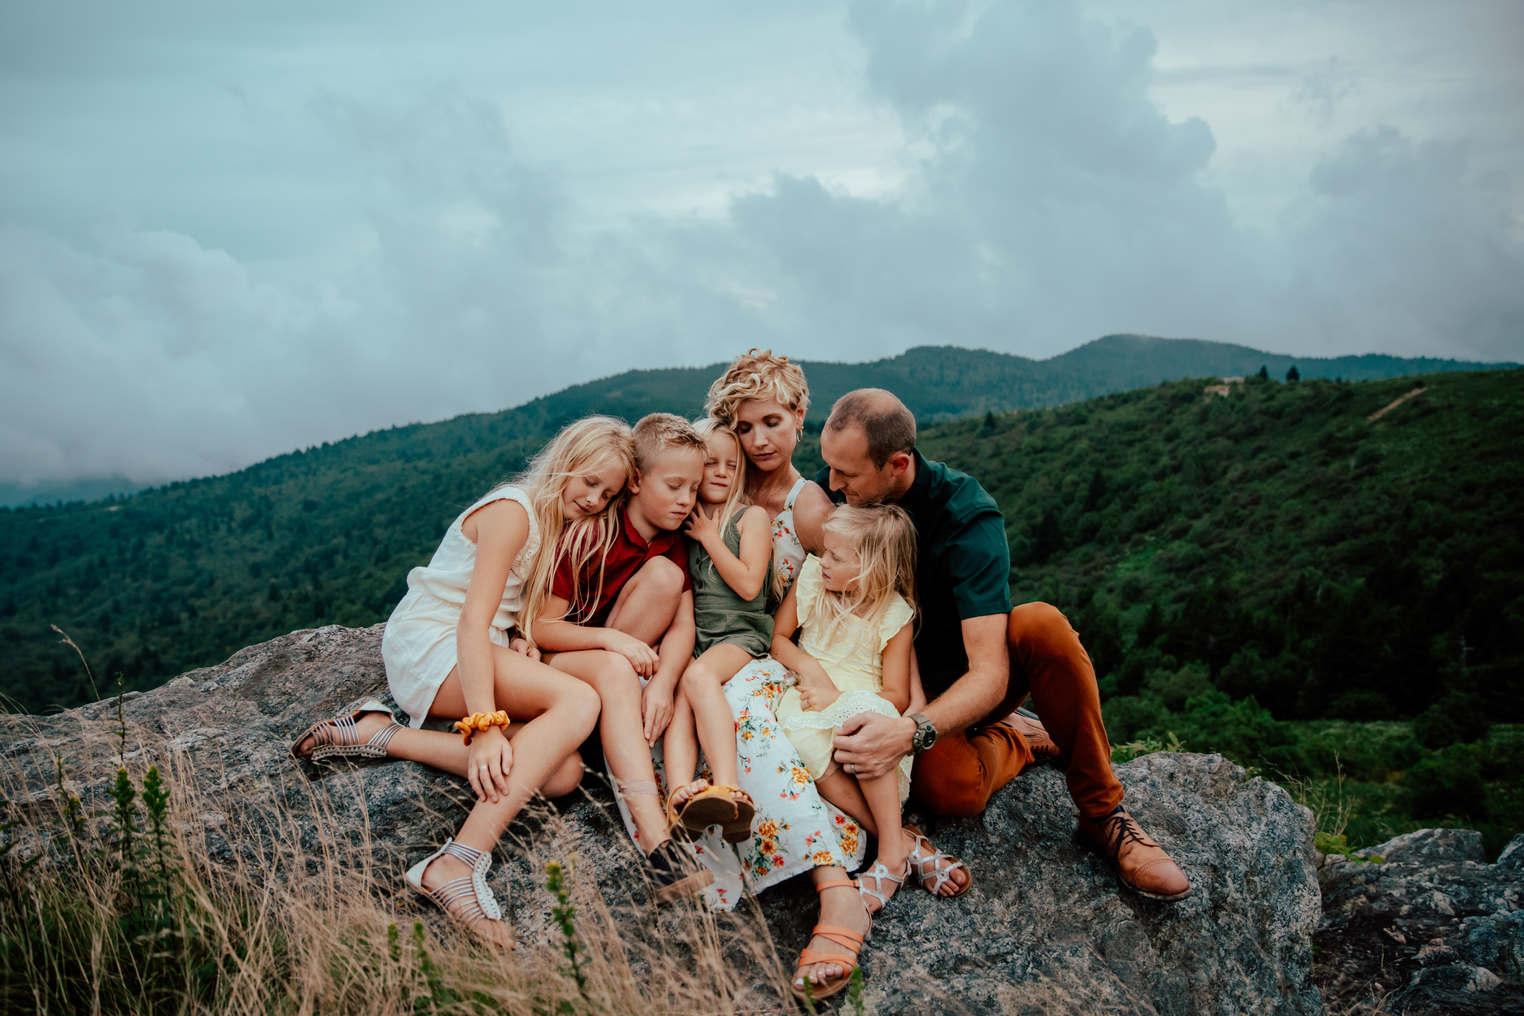 Family Adventure Photoshoot